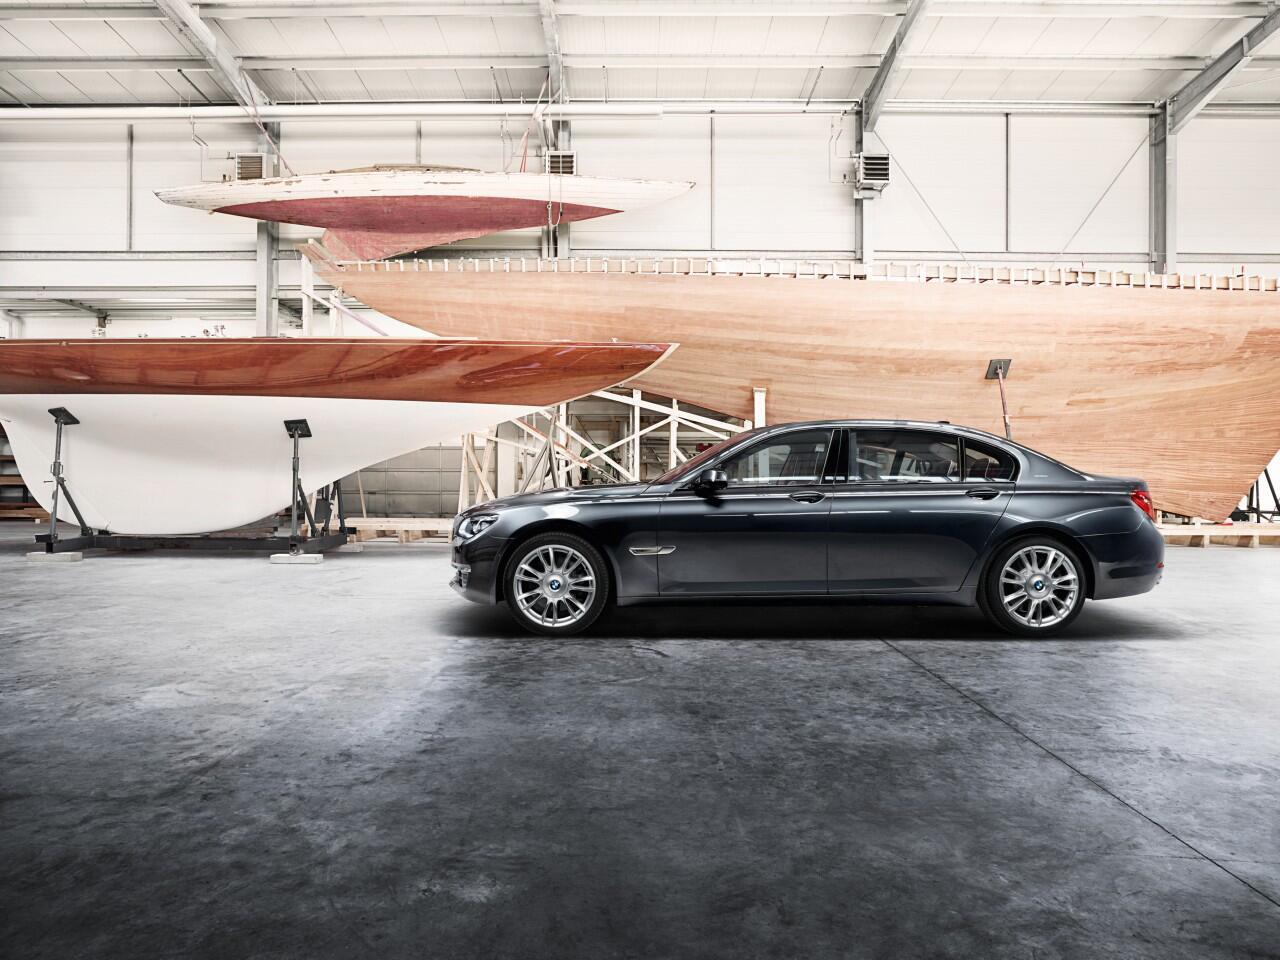 Bild zu Aufpolierter BMW Individual 760Li Sterling inspired by Robbe